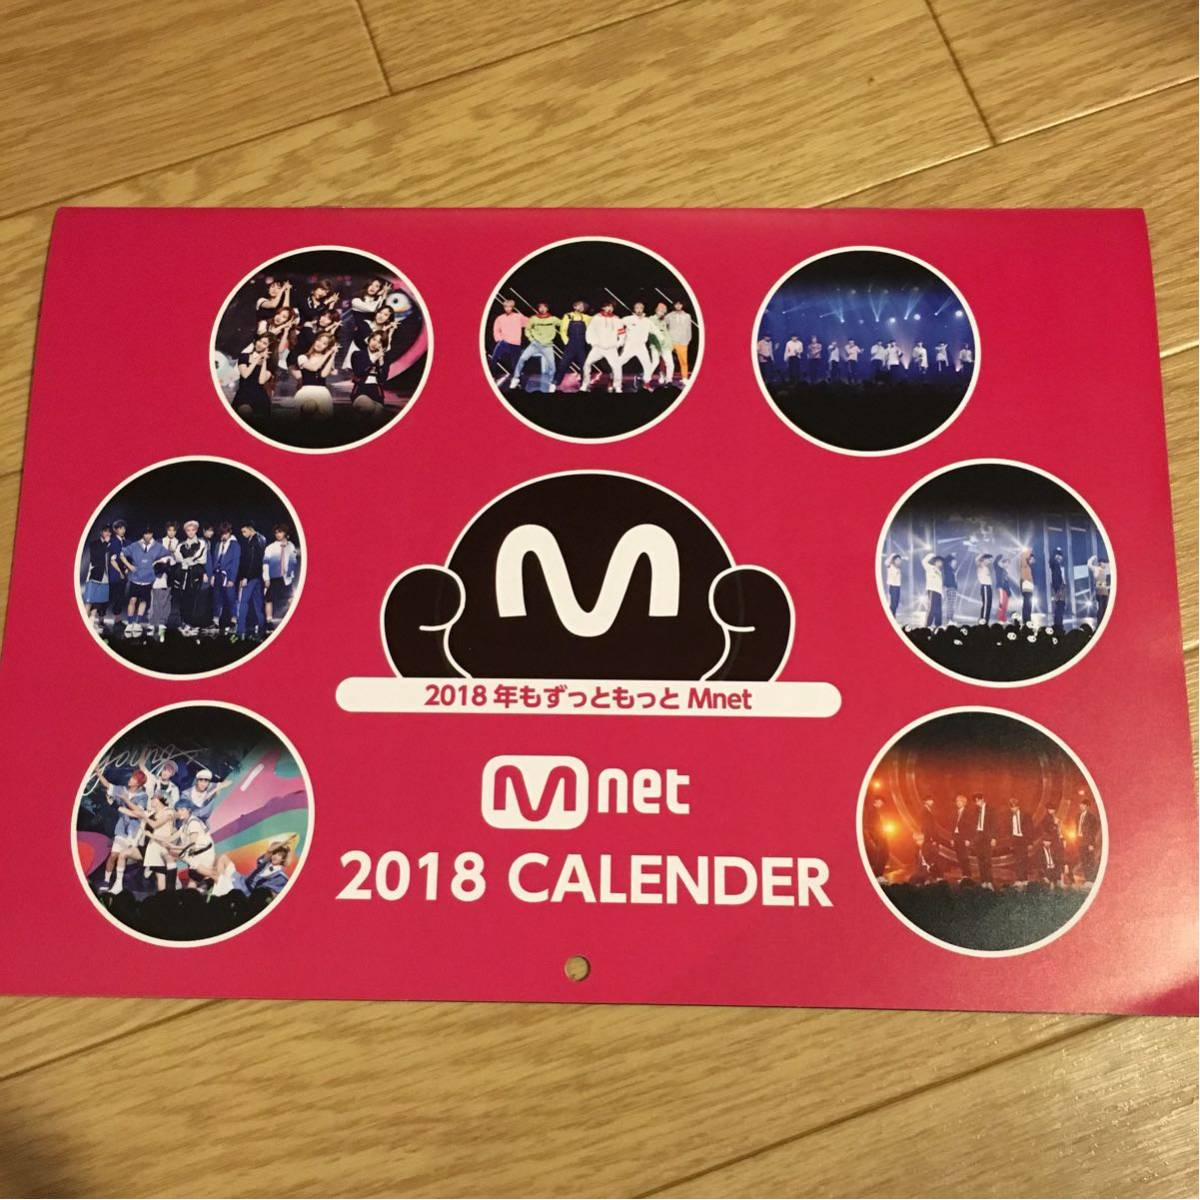 韓国 アーティスト 防弾少年弾BTS EXO GIRLS POWERなど 非売品カレンダー 2018 Mnet